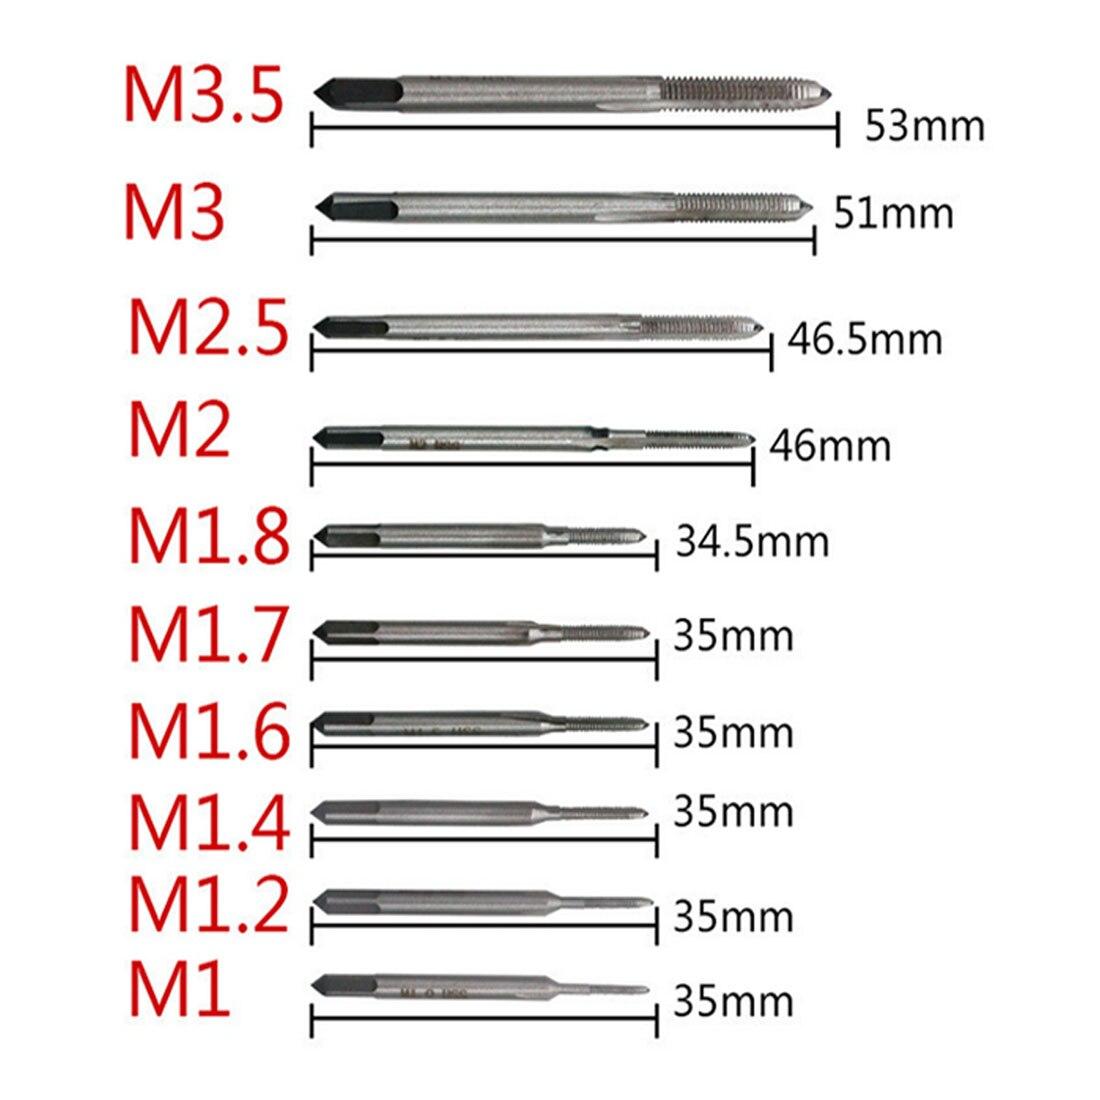 Freies Verschiffen 10 Teile/satz Hand Werkzeuge Tap Gewinde Draht Tippen/threading/wasserhähne/angriff M1 M1.2 M1.4 M1.6 M1.7 M1.8 M2 M 2,5 Mt 3 M3.5 Handwerkzeuge Werkzeuge